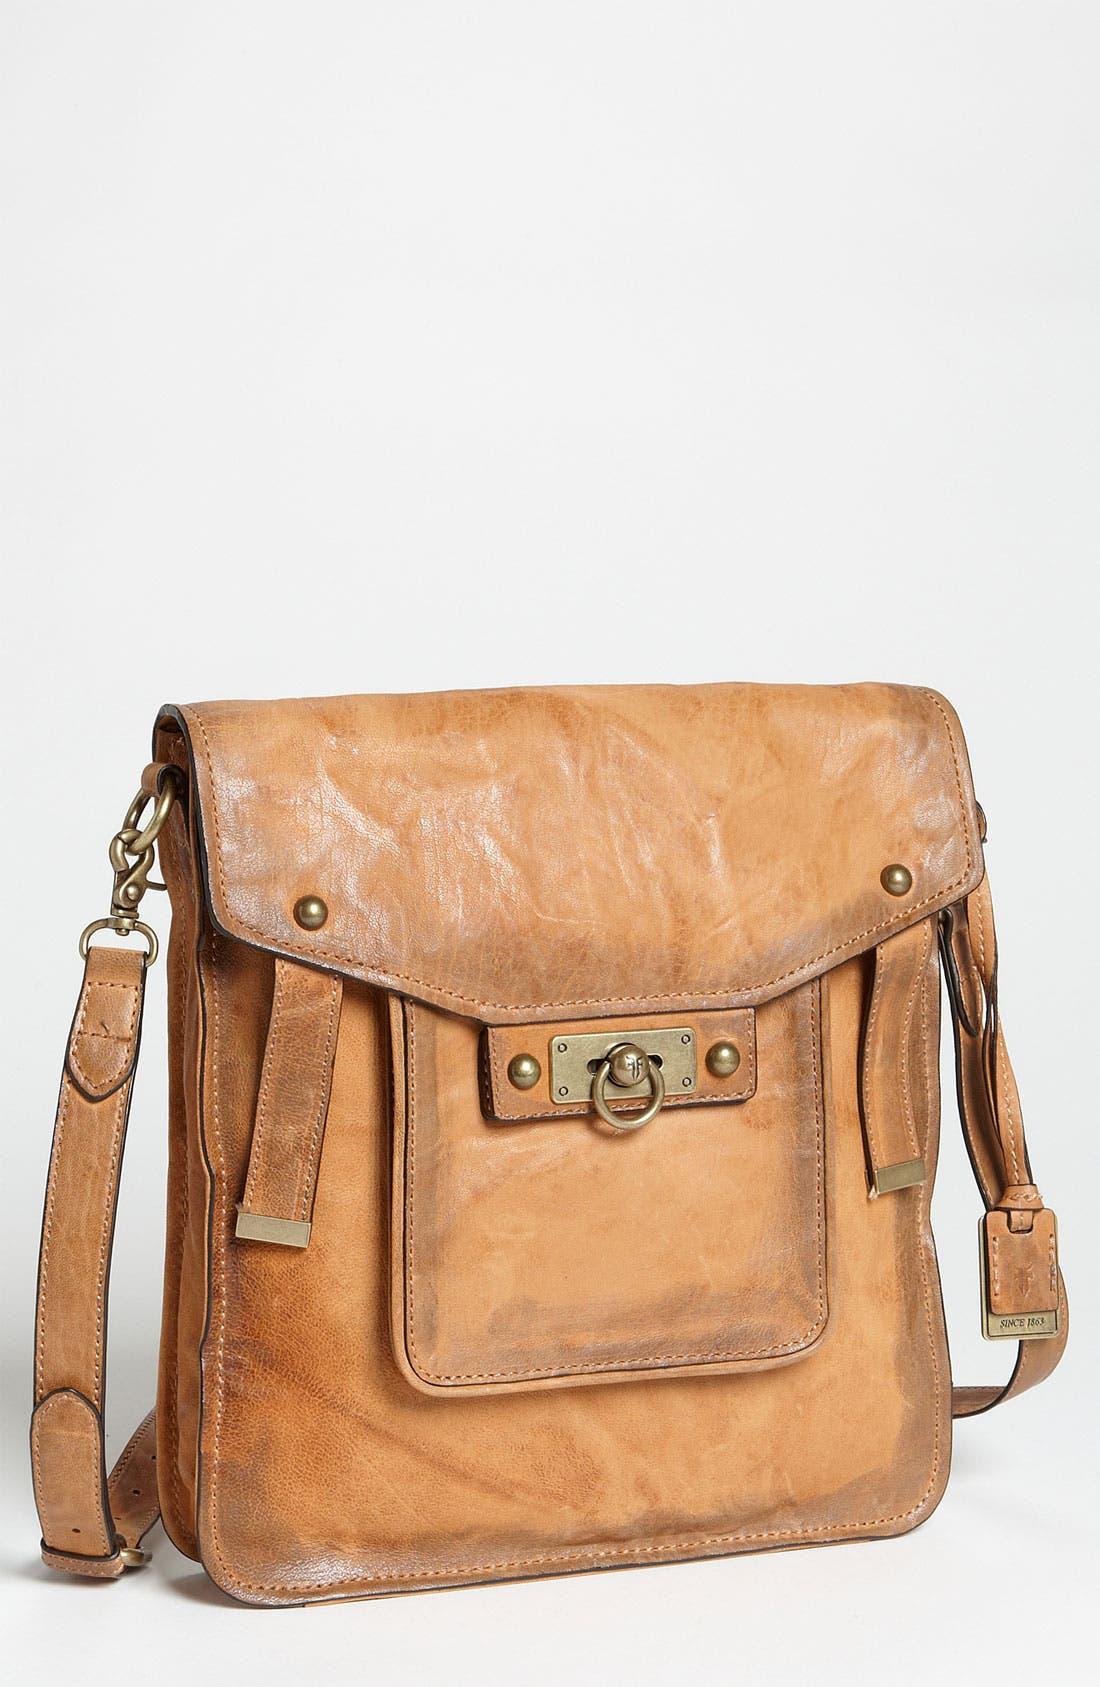 Alternate Image 1 Selected - Frye 'Cameron' Shoulder Bag